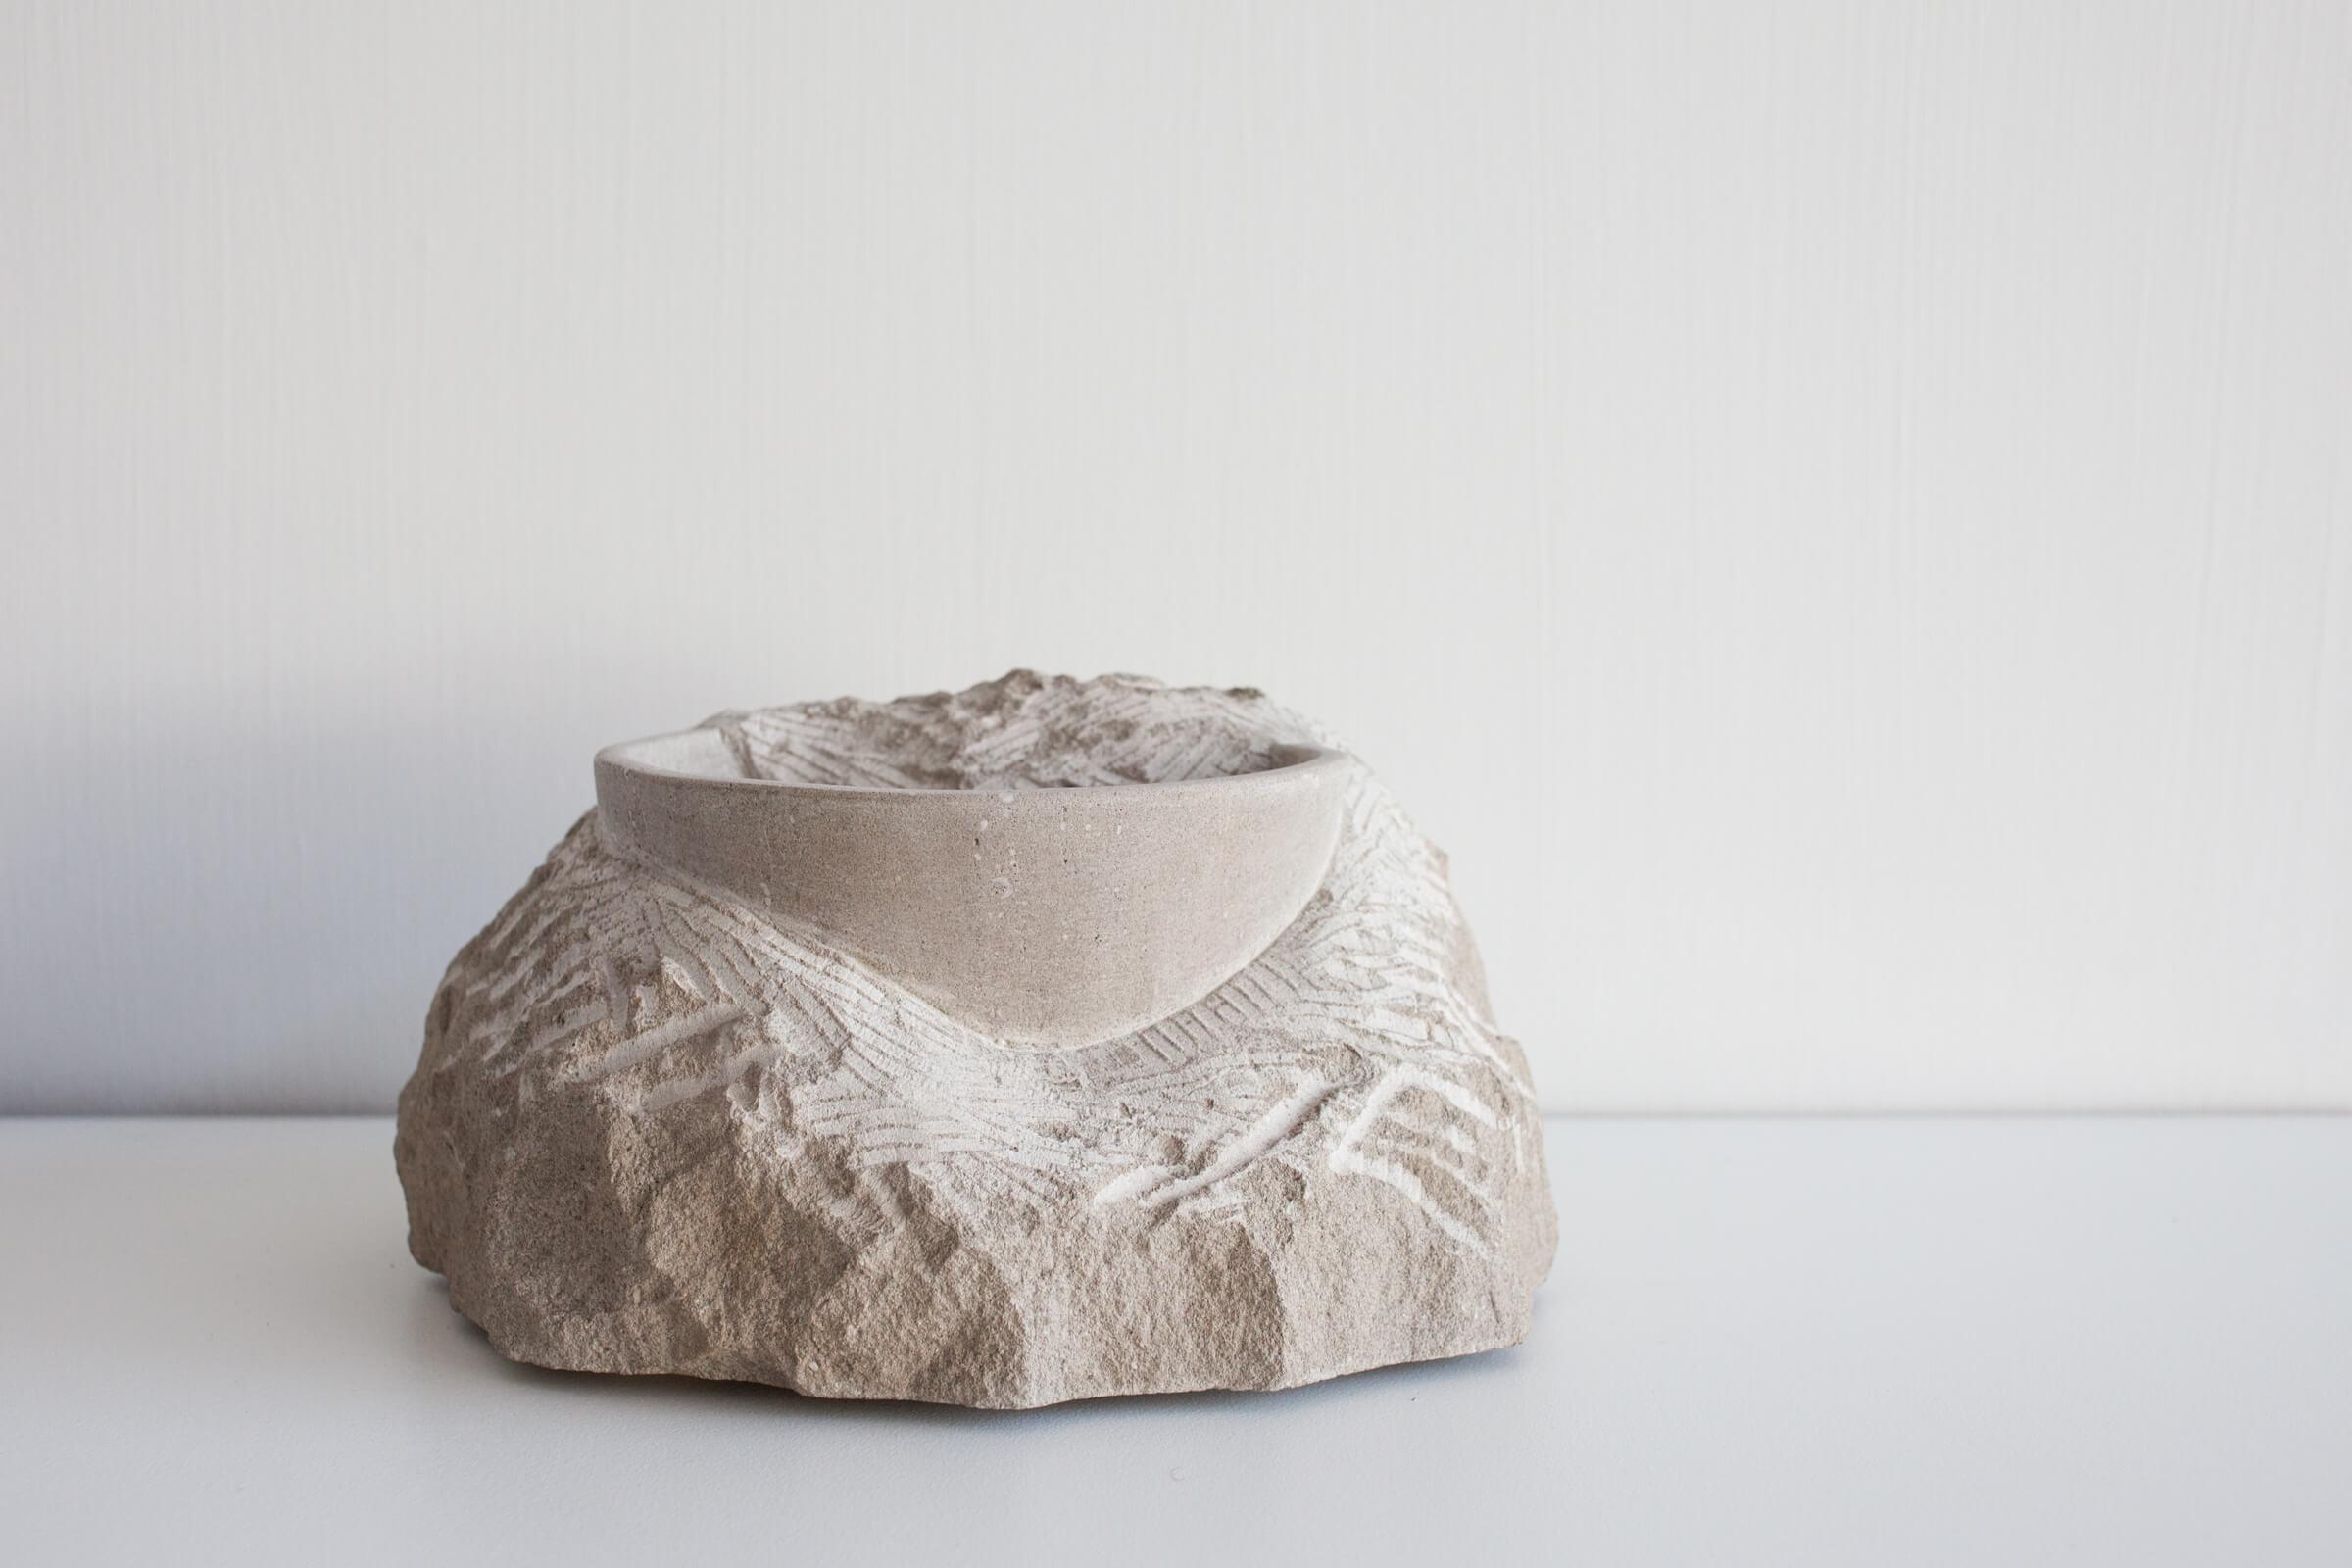 brian-richer-castor-mjolk-exhibition-2018-2